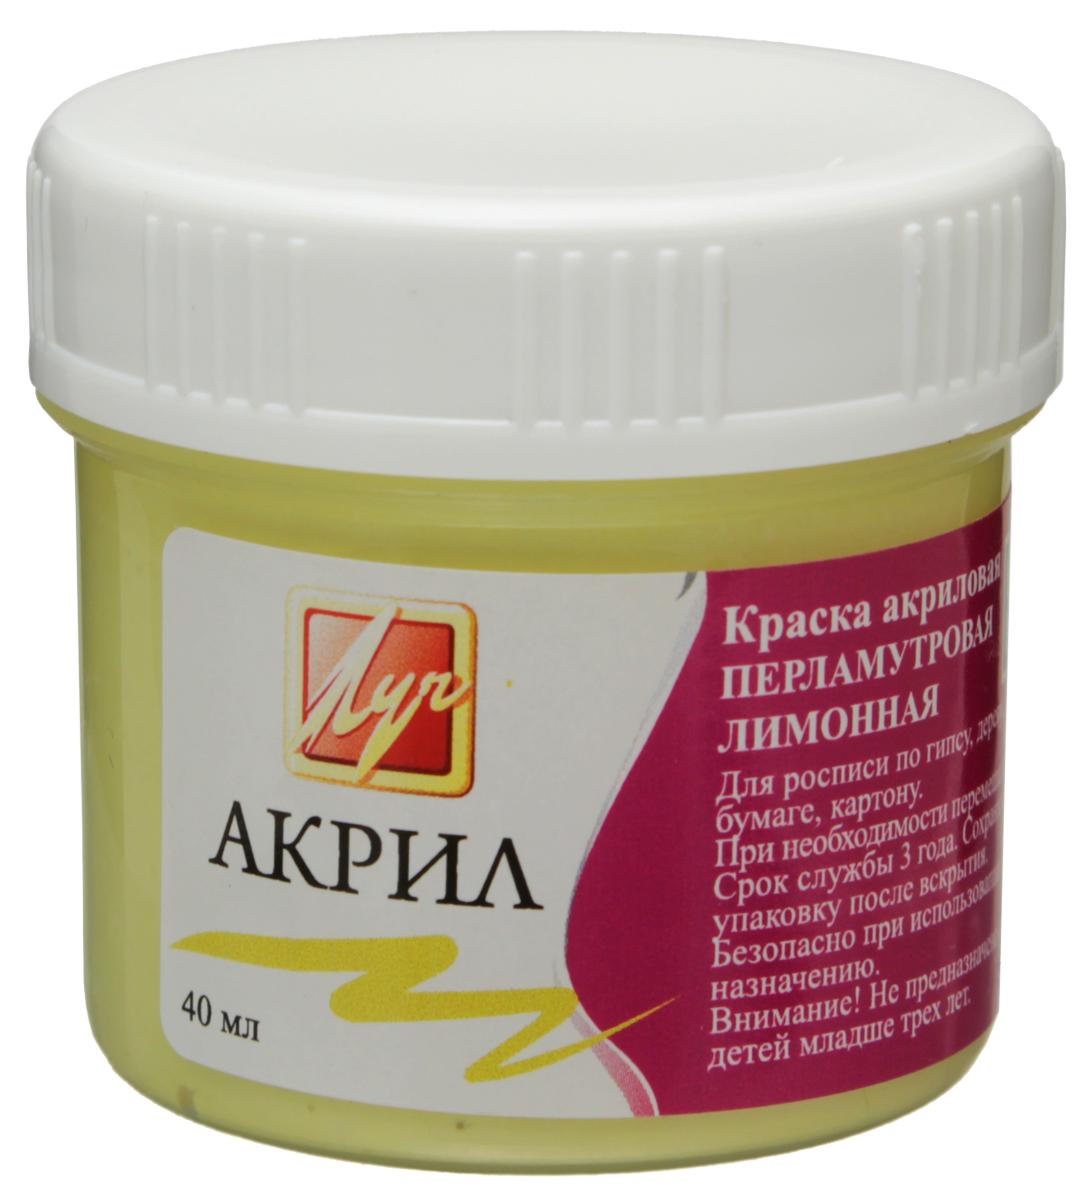 Луч Краска акриловая перламутровая цвет лимонный 40 мл25С 1561-08Акриловые краски Луч — универсальный материал для творчества. Акриловые краски, как и акварельные, легко разбавляются водой, но после высыхания их уже нельзя размочить, и в этом акрилы сходны с темперой. Акриловые краски обладают следующими свойствами:1. быстросохнущие2. обладают отличной адгезией (сцепляемость с поверхностью)3. превосходная кроющая способность4. равномерно наносятся5. хорошая светостойкость6. прекрасно смешиваются между собой7. после высыхания образуют несмываемую плёнку8. красочный слой эластичен, прочен и долговечен.Акриловые краски Луч применяются в дизайн-графике, рекламе, оформительском искусстве.